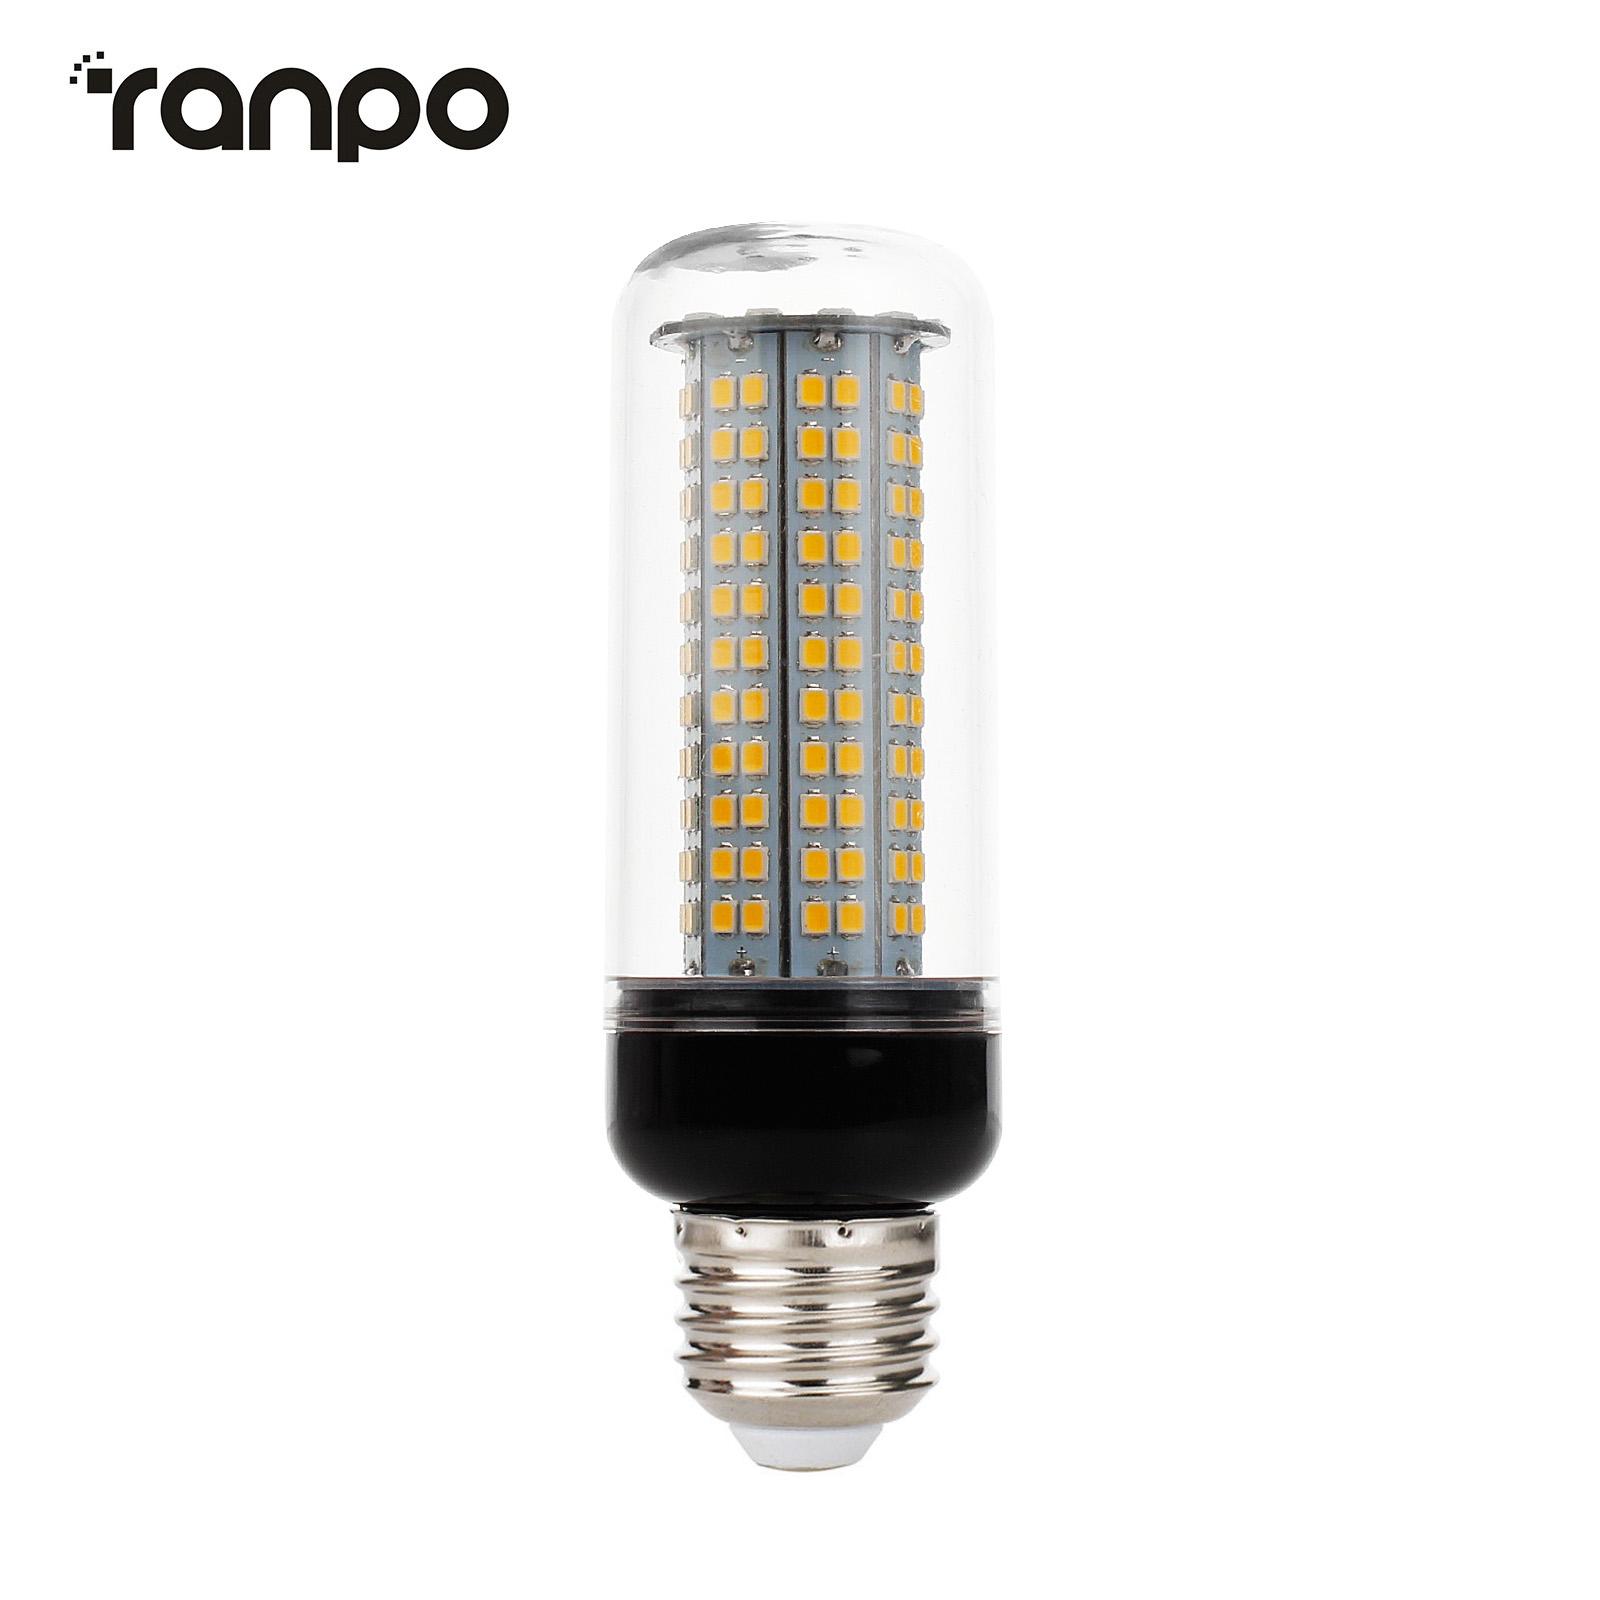 led corn bulb e26 e27 e14 b22 32w 2835 smd light lamp 110v 220v 100w equivalent ebay. Black Bedroom Furniture Sets. Home Design Ideas